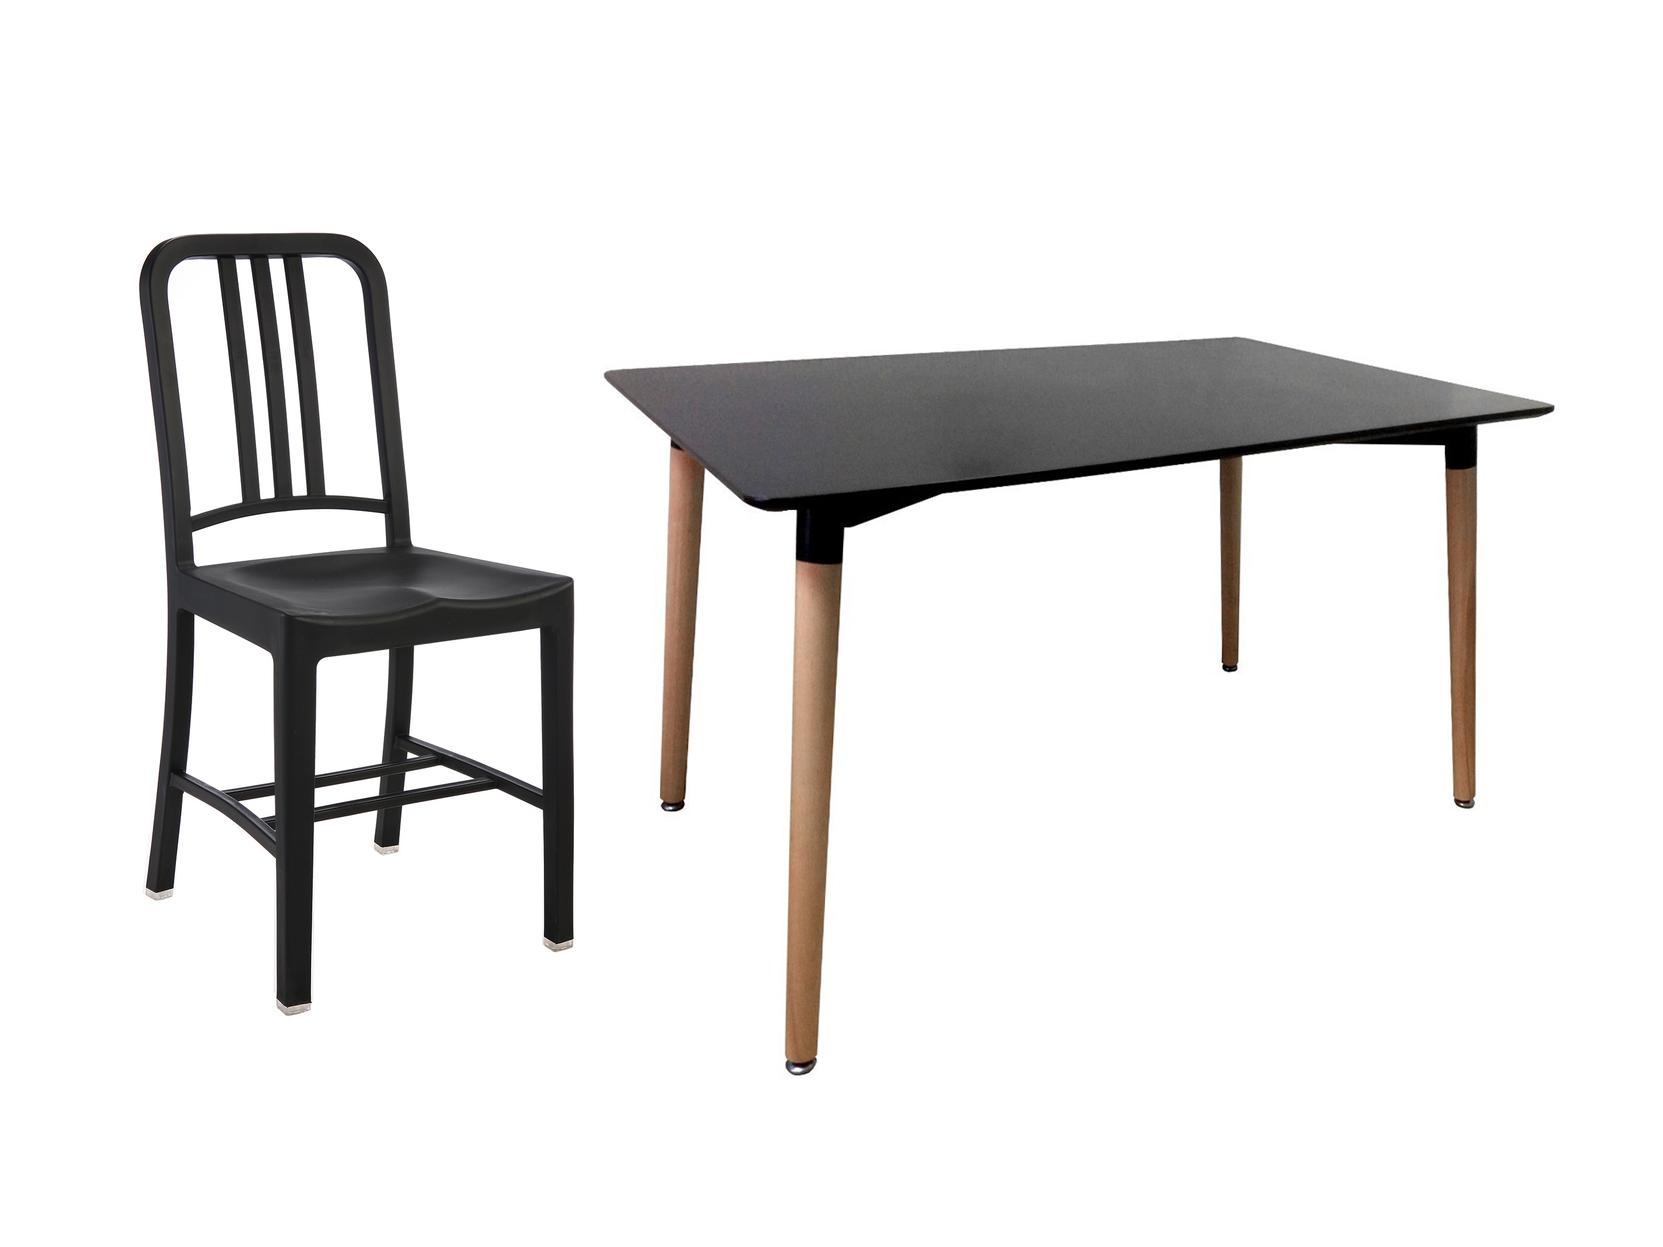 Обеденная группа Манон (стол + 4 стула)Комплекты для столовой<br>&amp;lt;div&amp;gt;&amp;lt;span style=&amp;quot;font-size: 14px;&amp;quot;&amp;gt;Минимализм - современный стиль, в котором ценится сочетание удобства и практичности. Именно поэтому лаконичный дизайн, простота форм и монохромность цветов станут идеальным дополнением любого интерьера. Стулья коллекции «Манон», изготовленные из прочного поликарбоната, идеальны в комплекте с обеденным столом &amp;quot;Плавные линии&amp;quot;, который станет выразительным акцентом для любой обстановки.&amp;lt;/span&amp;gt;&amp;lt;br&amp;gt;&amp;lt;/div&amp;gt;&amp;lt;div&amp;gt;&amp;lt;br&amp;gt;&amp;lt;/div&amp;gt;&amp;lt;div&amp;gt;&amp;lt;div&amp;gt;Размеры стола: 120/80/73&amp;lt;/div&amp;gt;&amp;lt;div&amp;gt;Материал стола: МДФ&amp;lt;/div&amp;gt;&amp;lt;div&amp;gt;Размеры стула: 43/39/88&amp;lt;/div&amp;gt;&amp;lt;div&amp;gt;Материал стула: пластик&amp;lt;/div&amp;gt;&amp;lt;/div&amp;gt;<br><br>Material: МДФ<br>Ширина см: 120<br>Высота см: 73<br>Глубина см: 80